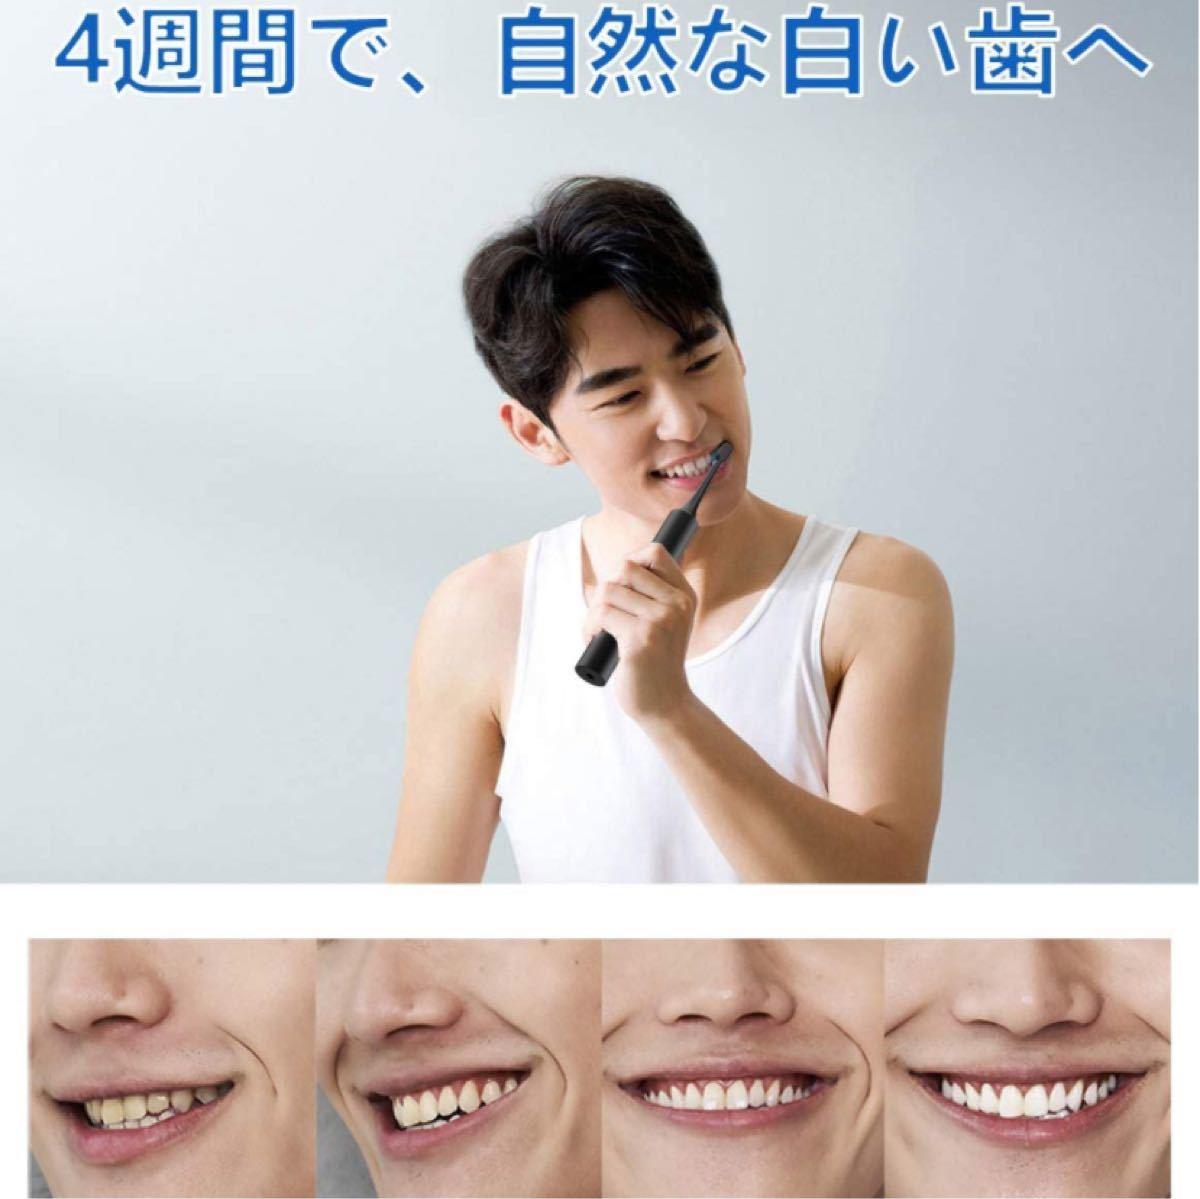 電動歯ブラシ 歯ブラシ 音波歯ブラシ 静音設計 IPX7防水設計#